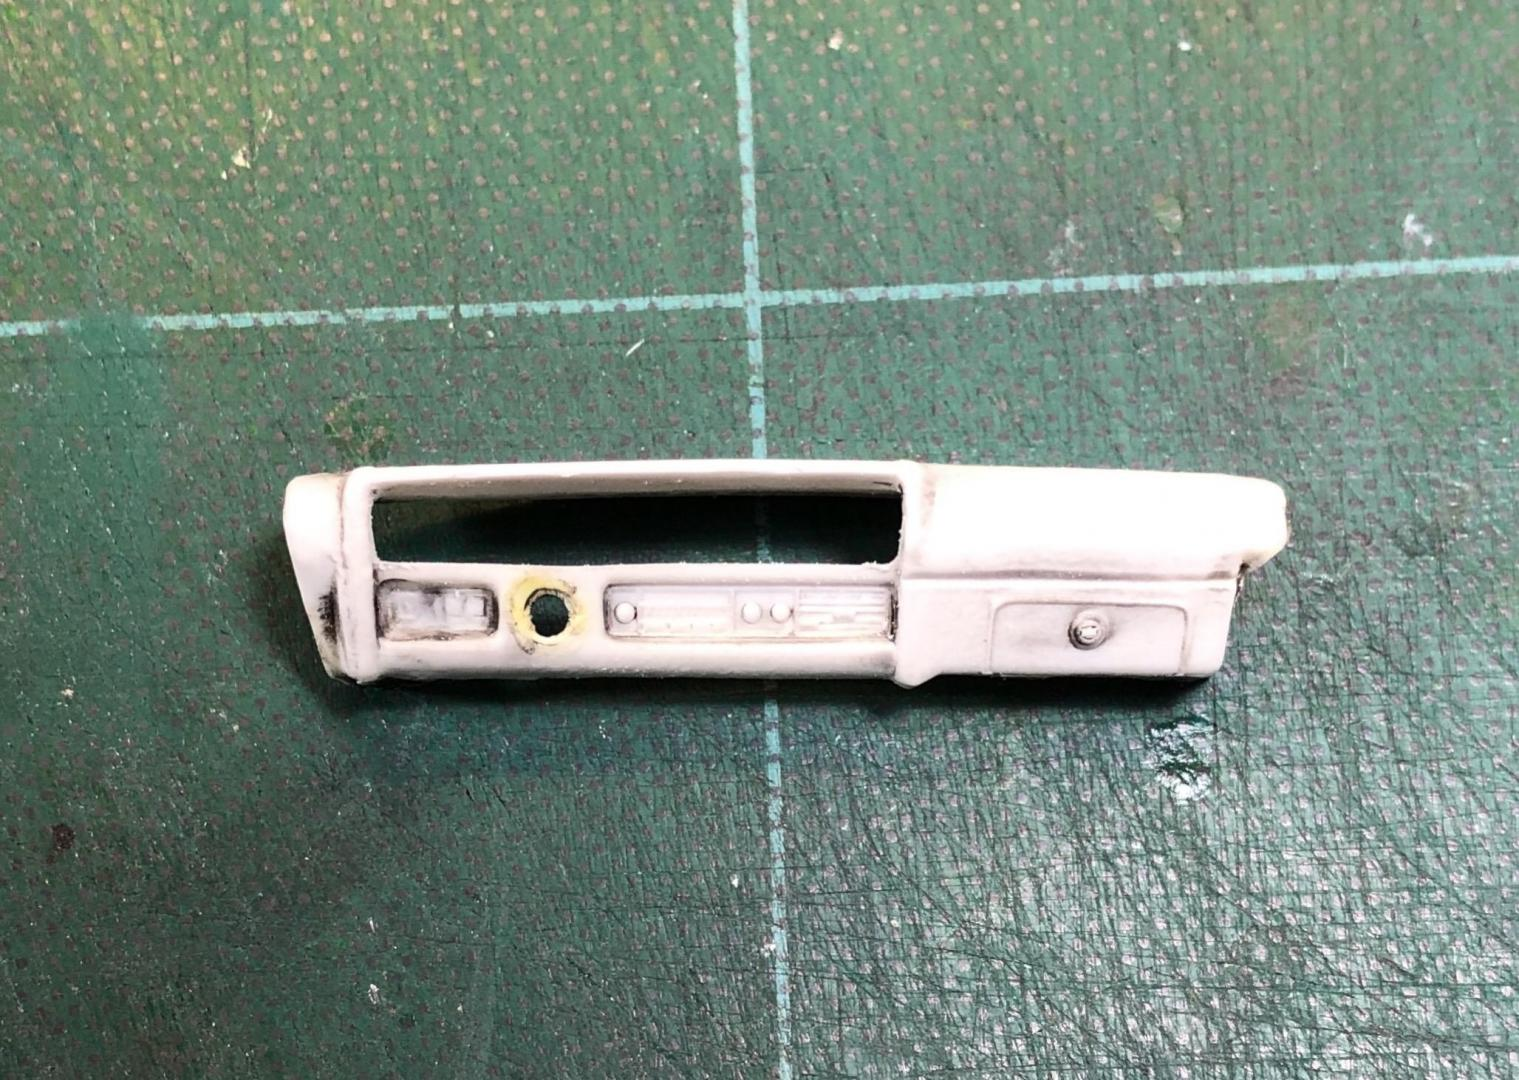 31A7F735-E3C9-4C48-A4DF-14ACF737A986.thumb.jpeg.4bf49a9b4dc19bda39d50d70073e4ab0.jpeg